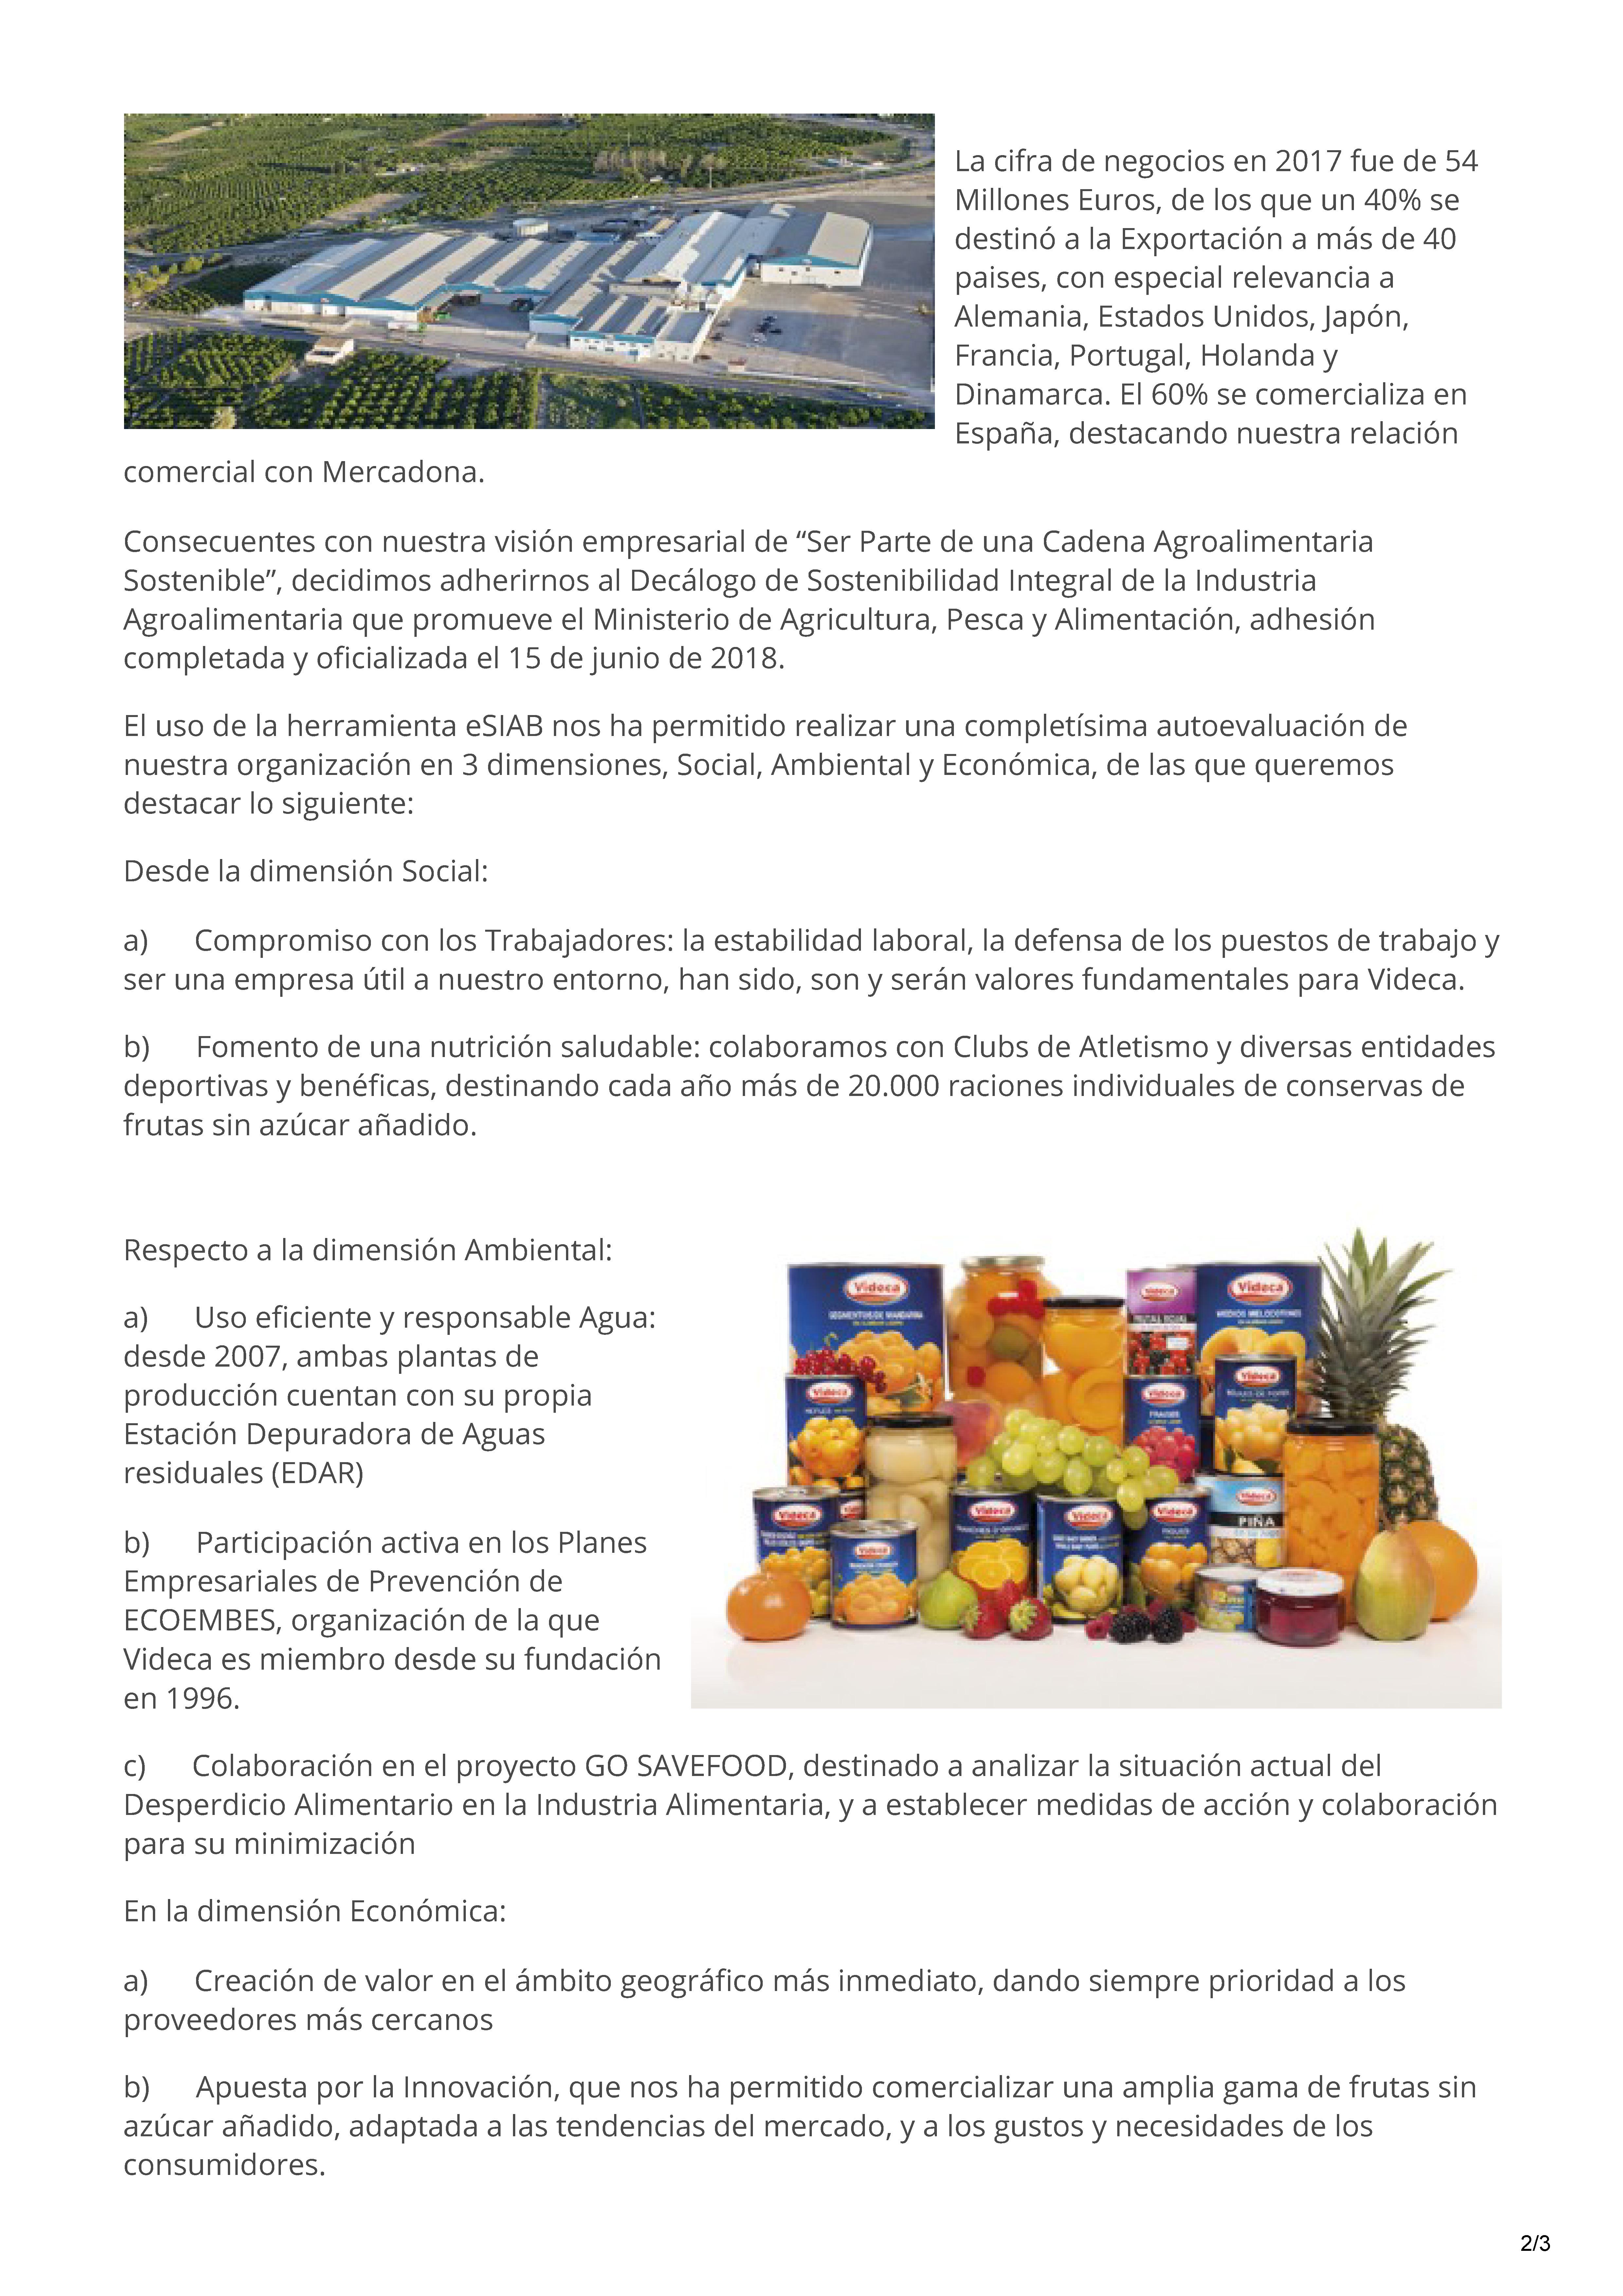 VIDECA Exp. Sostenibles 2018 Plataforma de Sostenibilidad Integral Agroalimentaria - Redsostal_Página_2